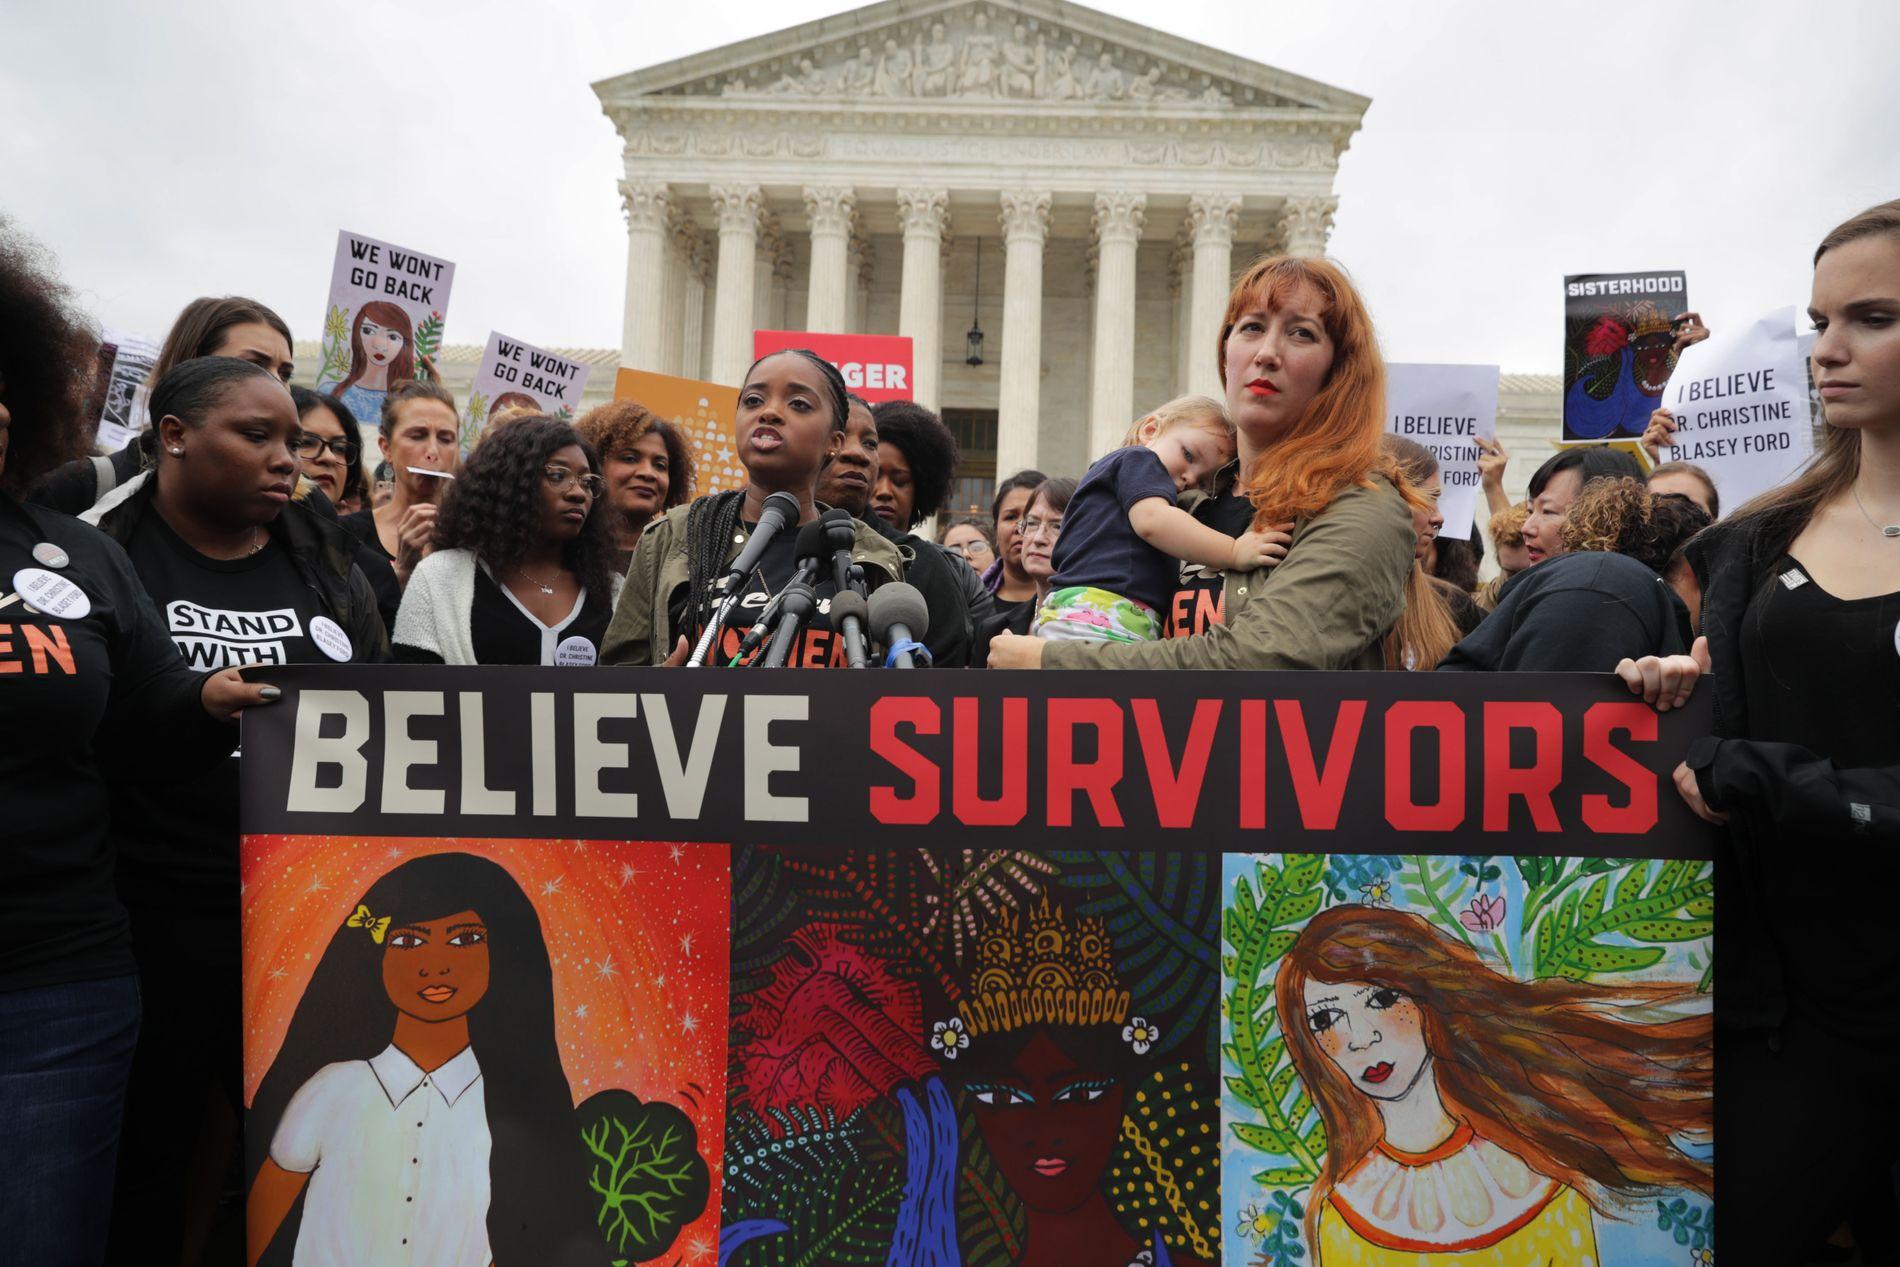 PROTESTERER: Disse kvinnene demonstrerer ved Capitol Hill i Washington.